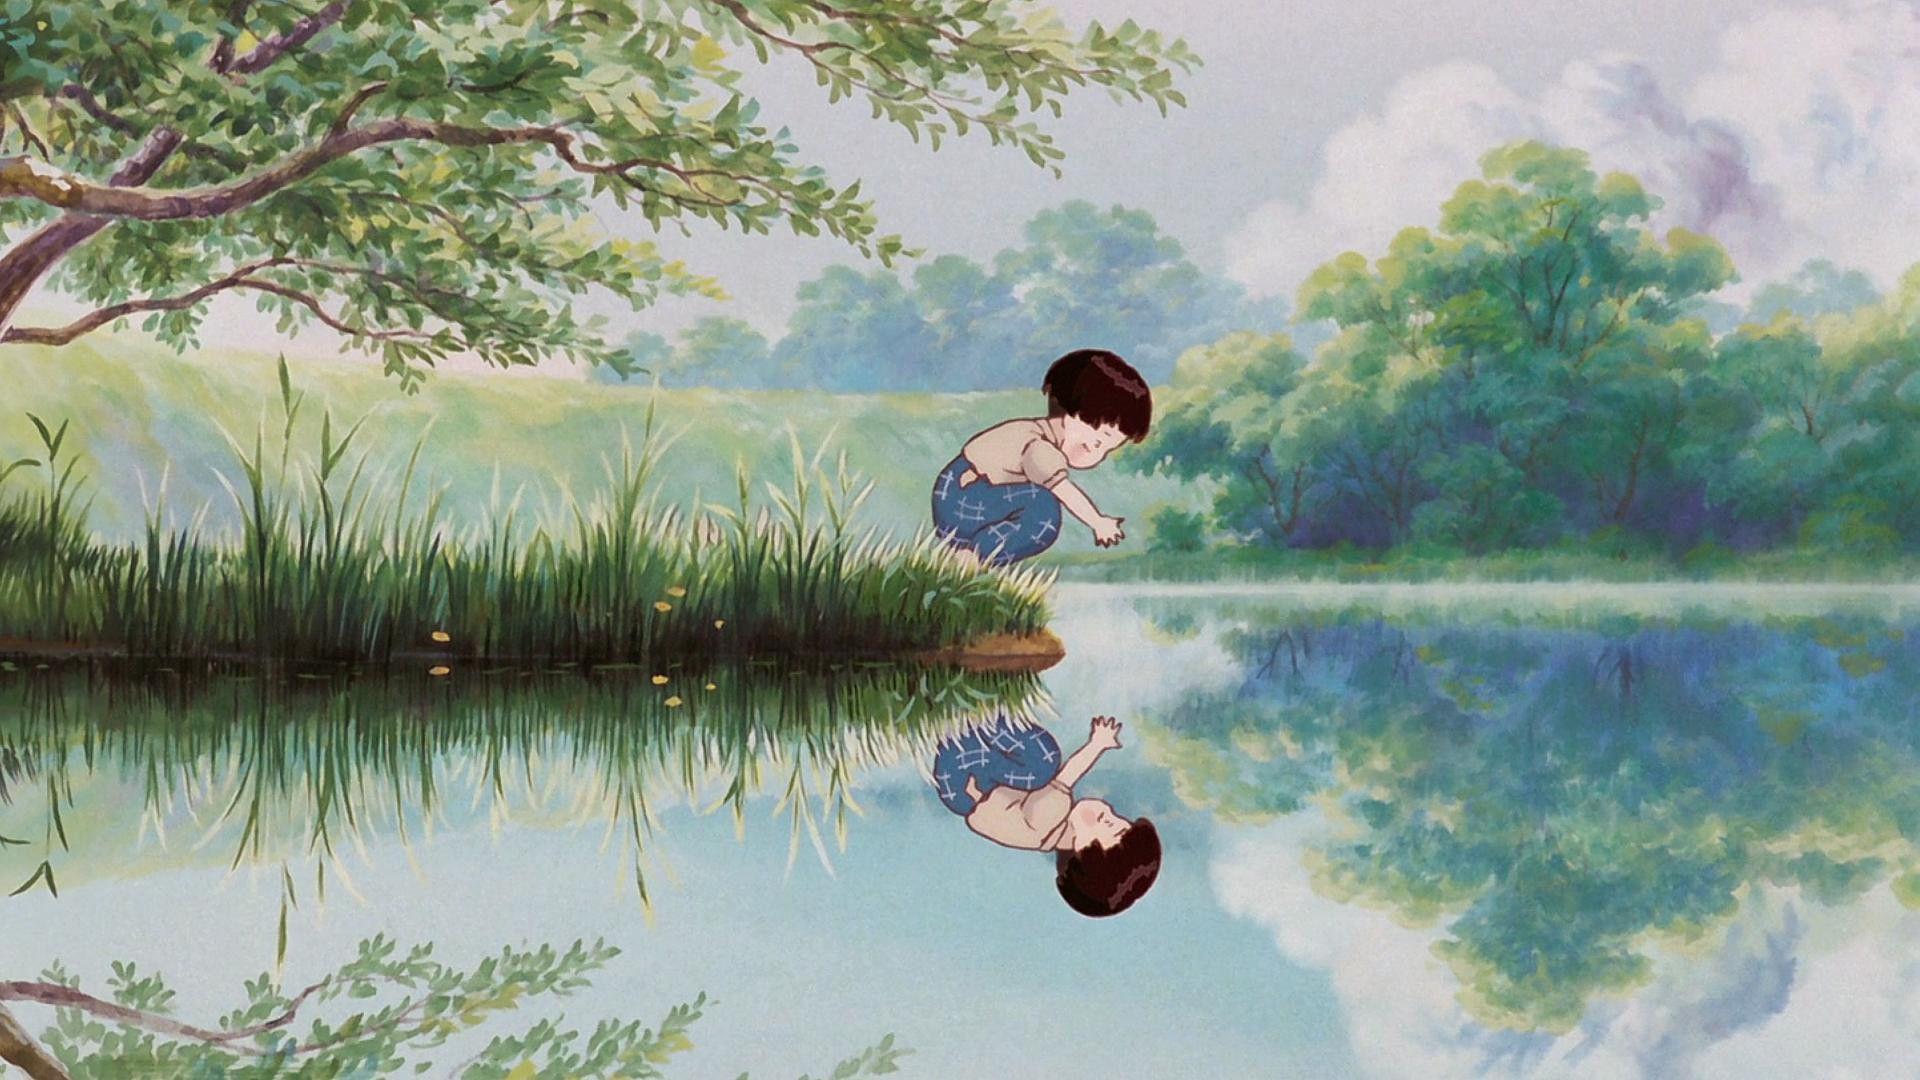 Studio Ghibli Wallpapers 1920x1080 - Imgur   Anime   Studio ghibli, Studio ghibli background e ...